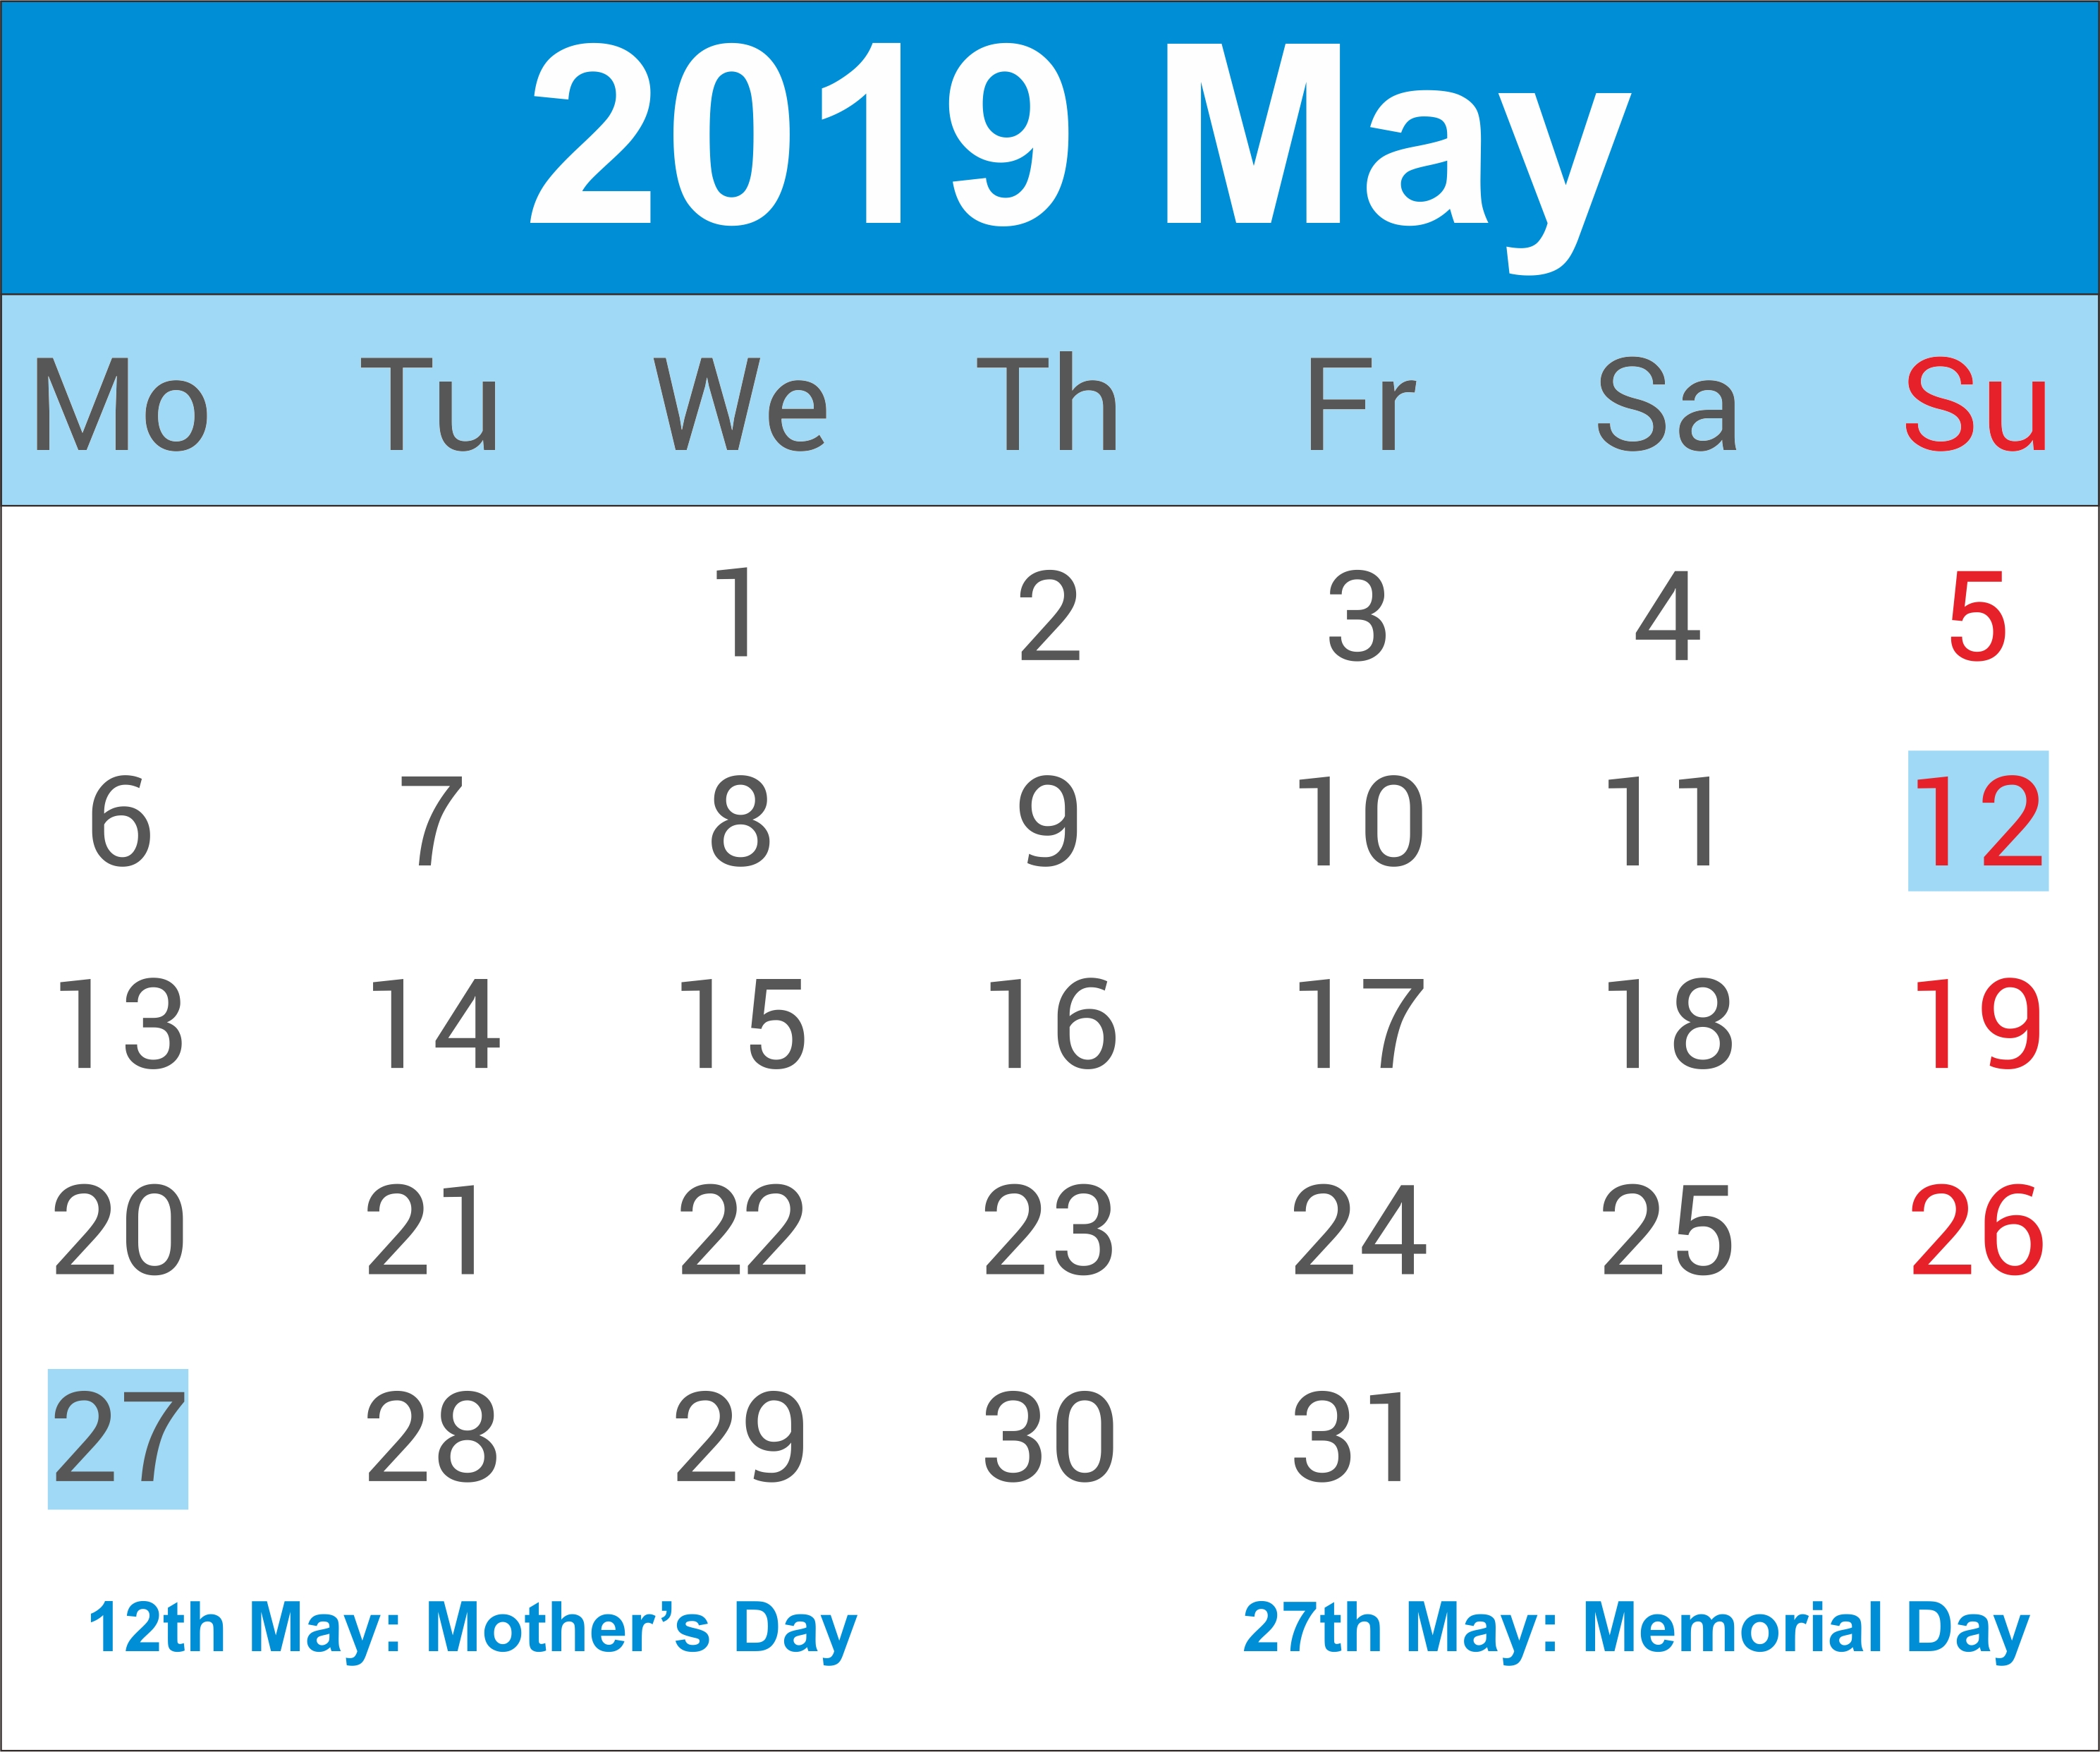 May 2019 Calendar | May Calendar 2019, May 2019 Printable Calendar May 9 2019 Calendar